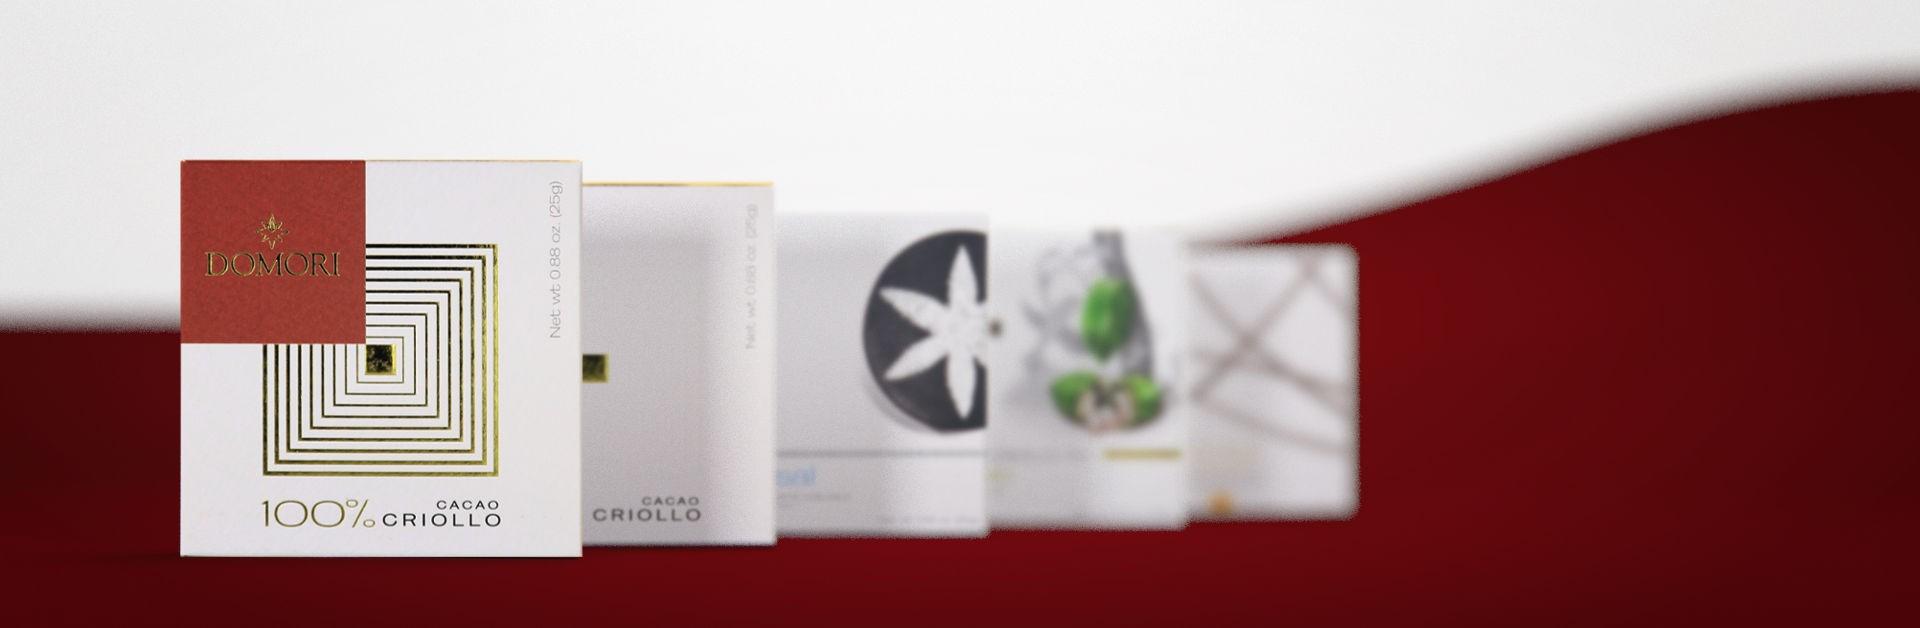 hochwertige schokolade und ausgezeichneten rum online. Black Bedroom Furniture Sets. Home Design Ideas